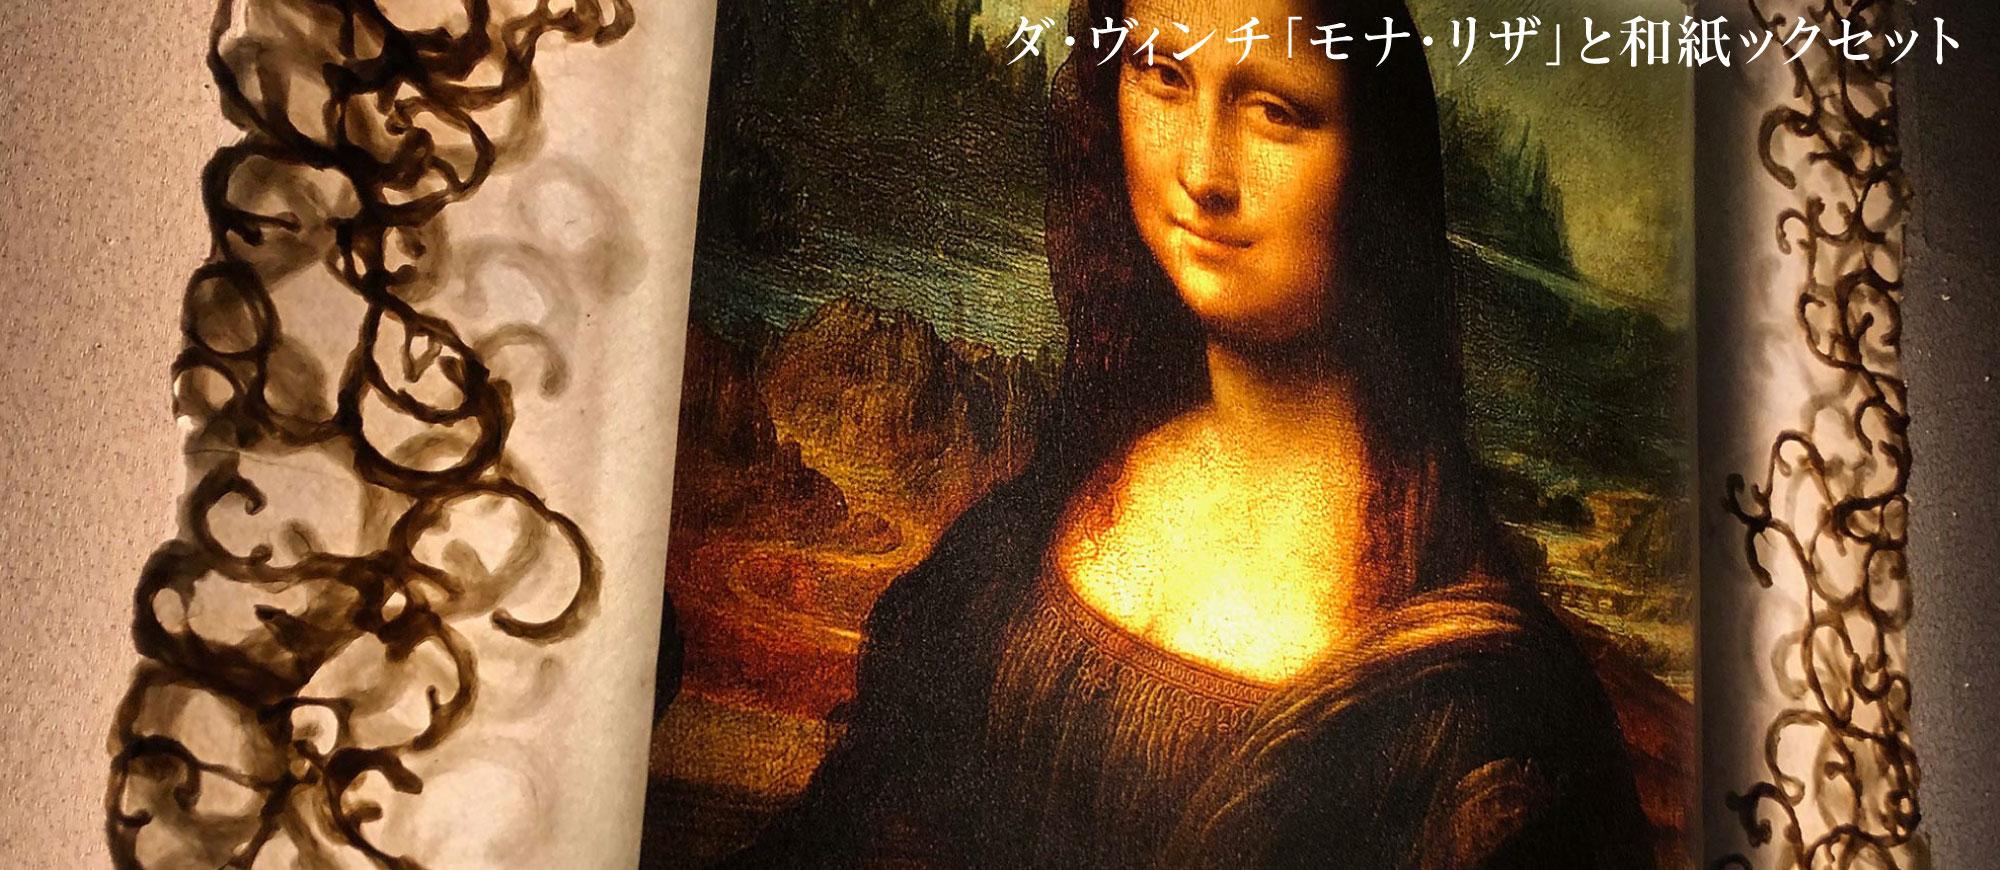 ダヴィンチ・モナリザと和紙ックフォトフレーム